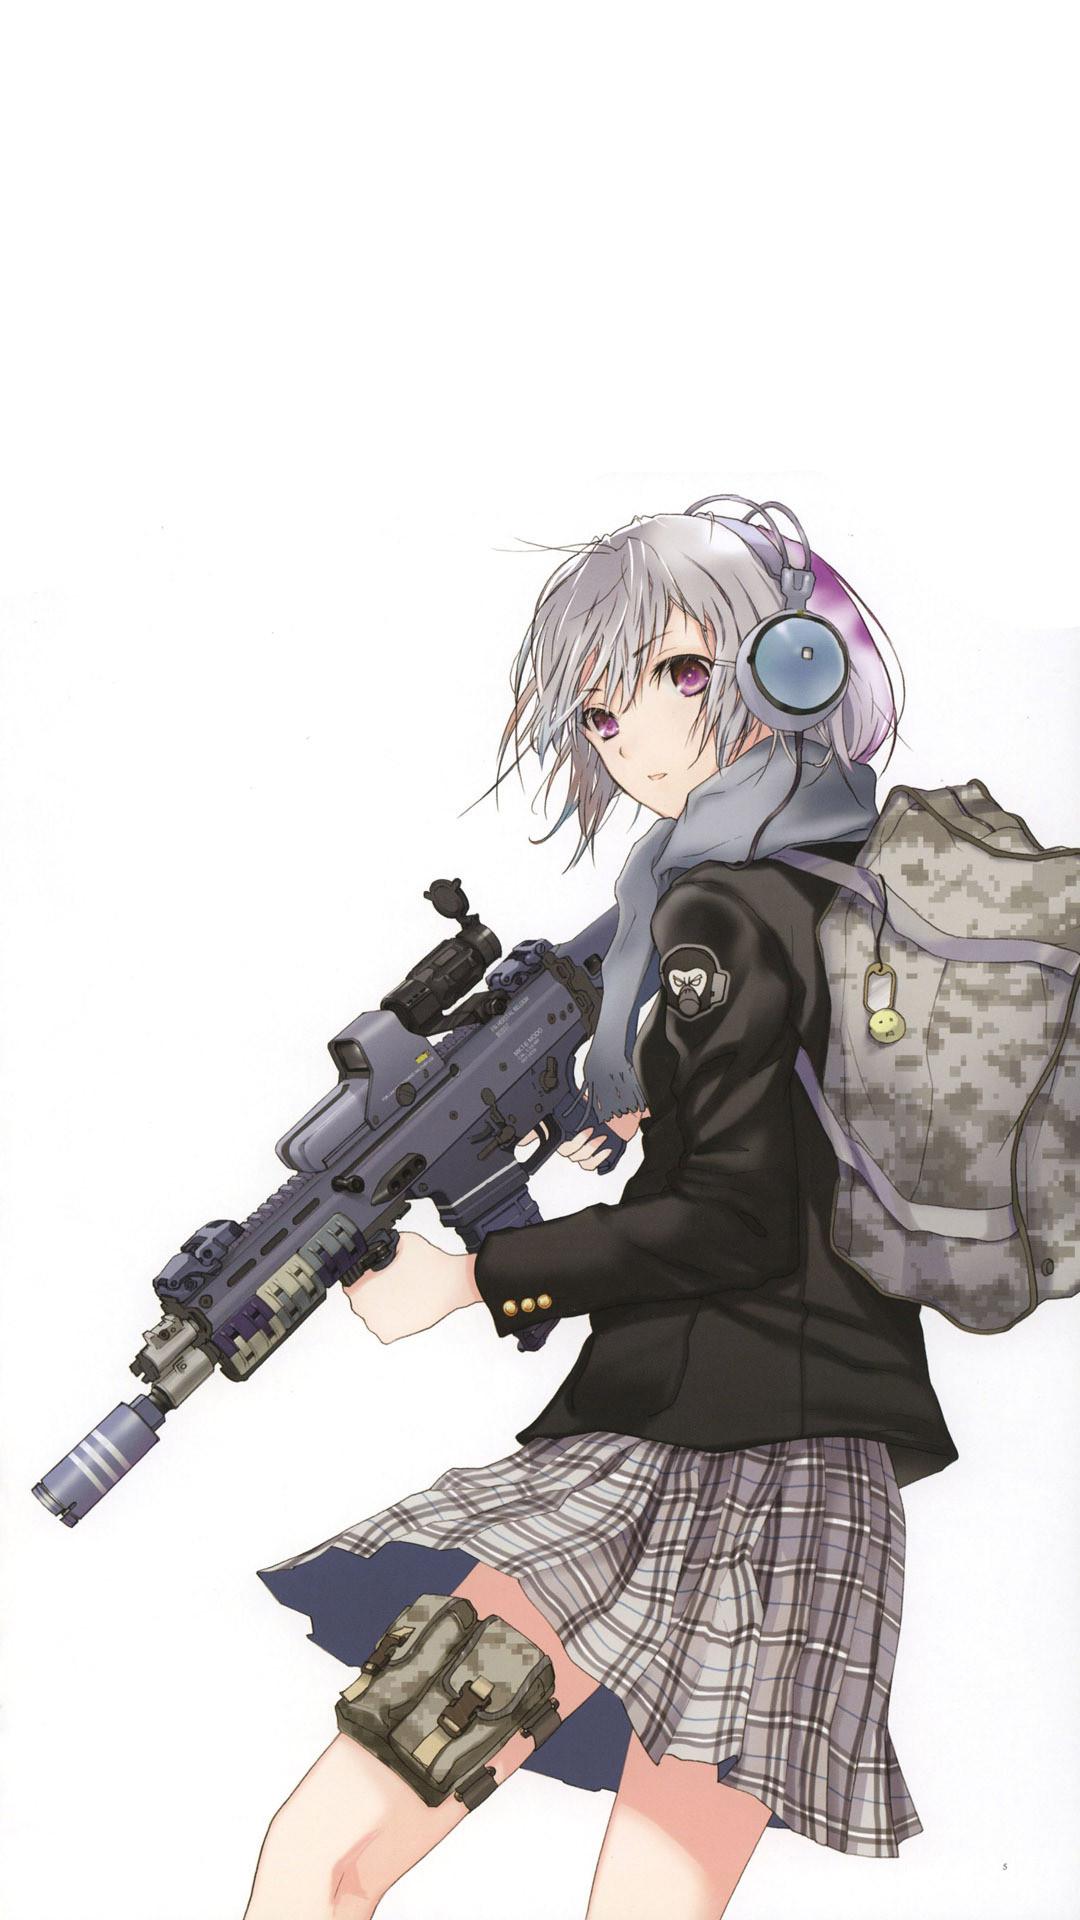 Anime gun wallpaper 61 images - Anime mobile wallpaper ...